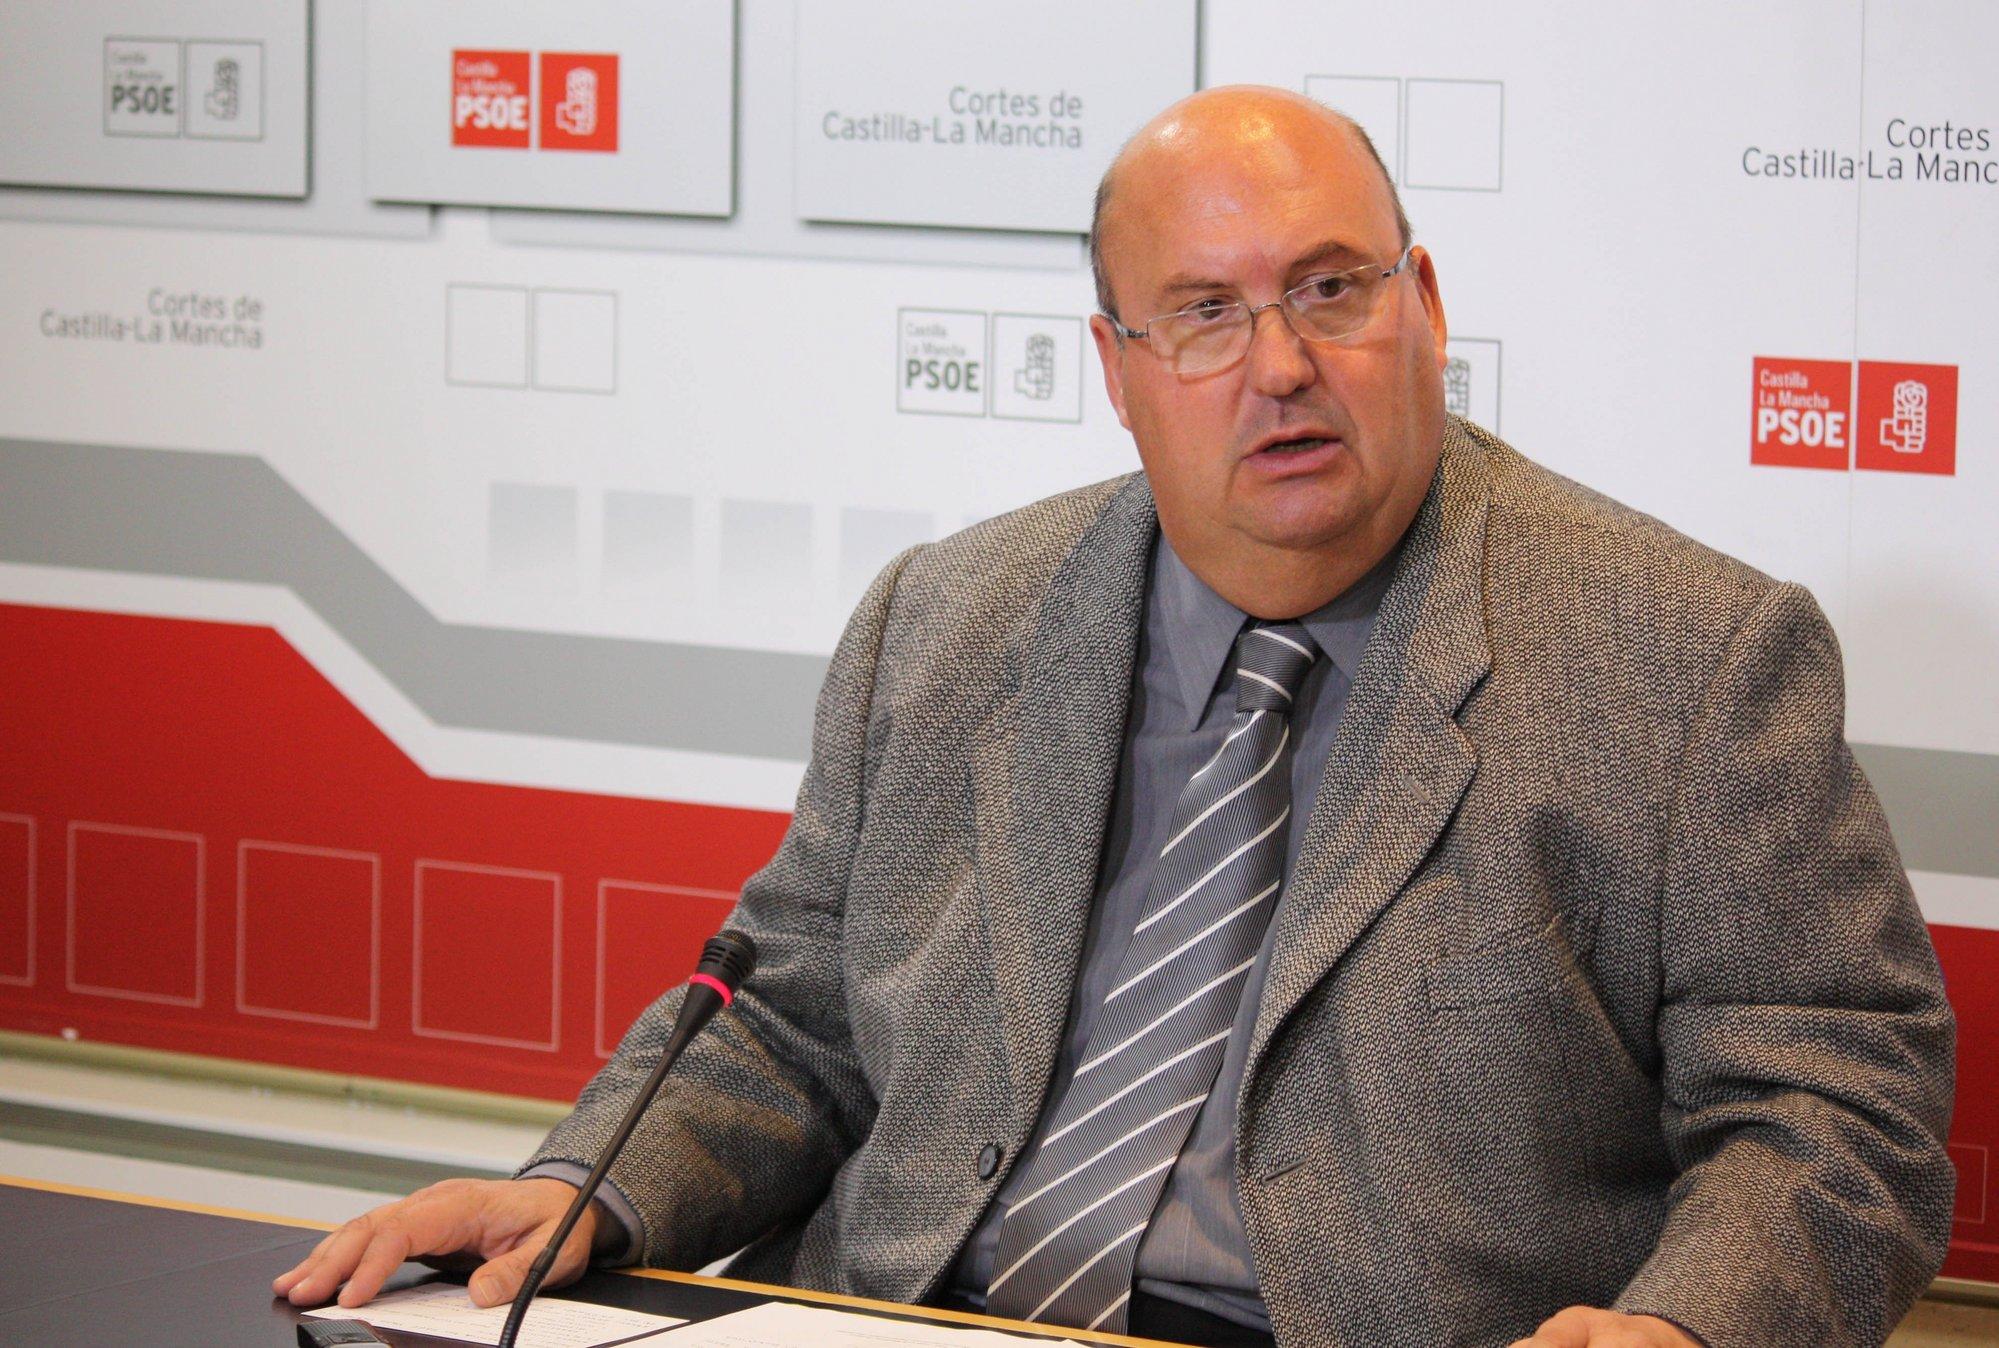 El PSOE propone crear nuevos impuestos para destinarlos a crear empleo y garantizar los servicios sociales básicos